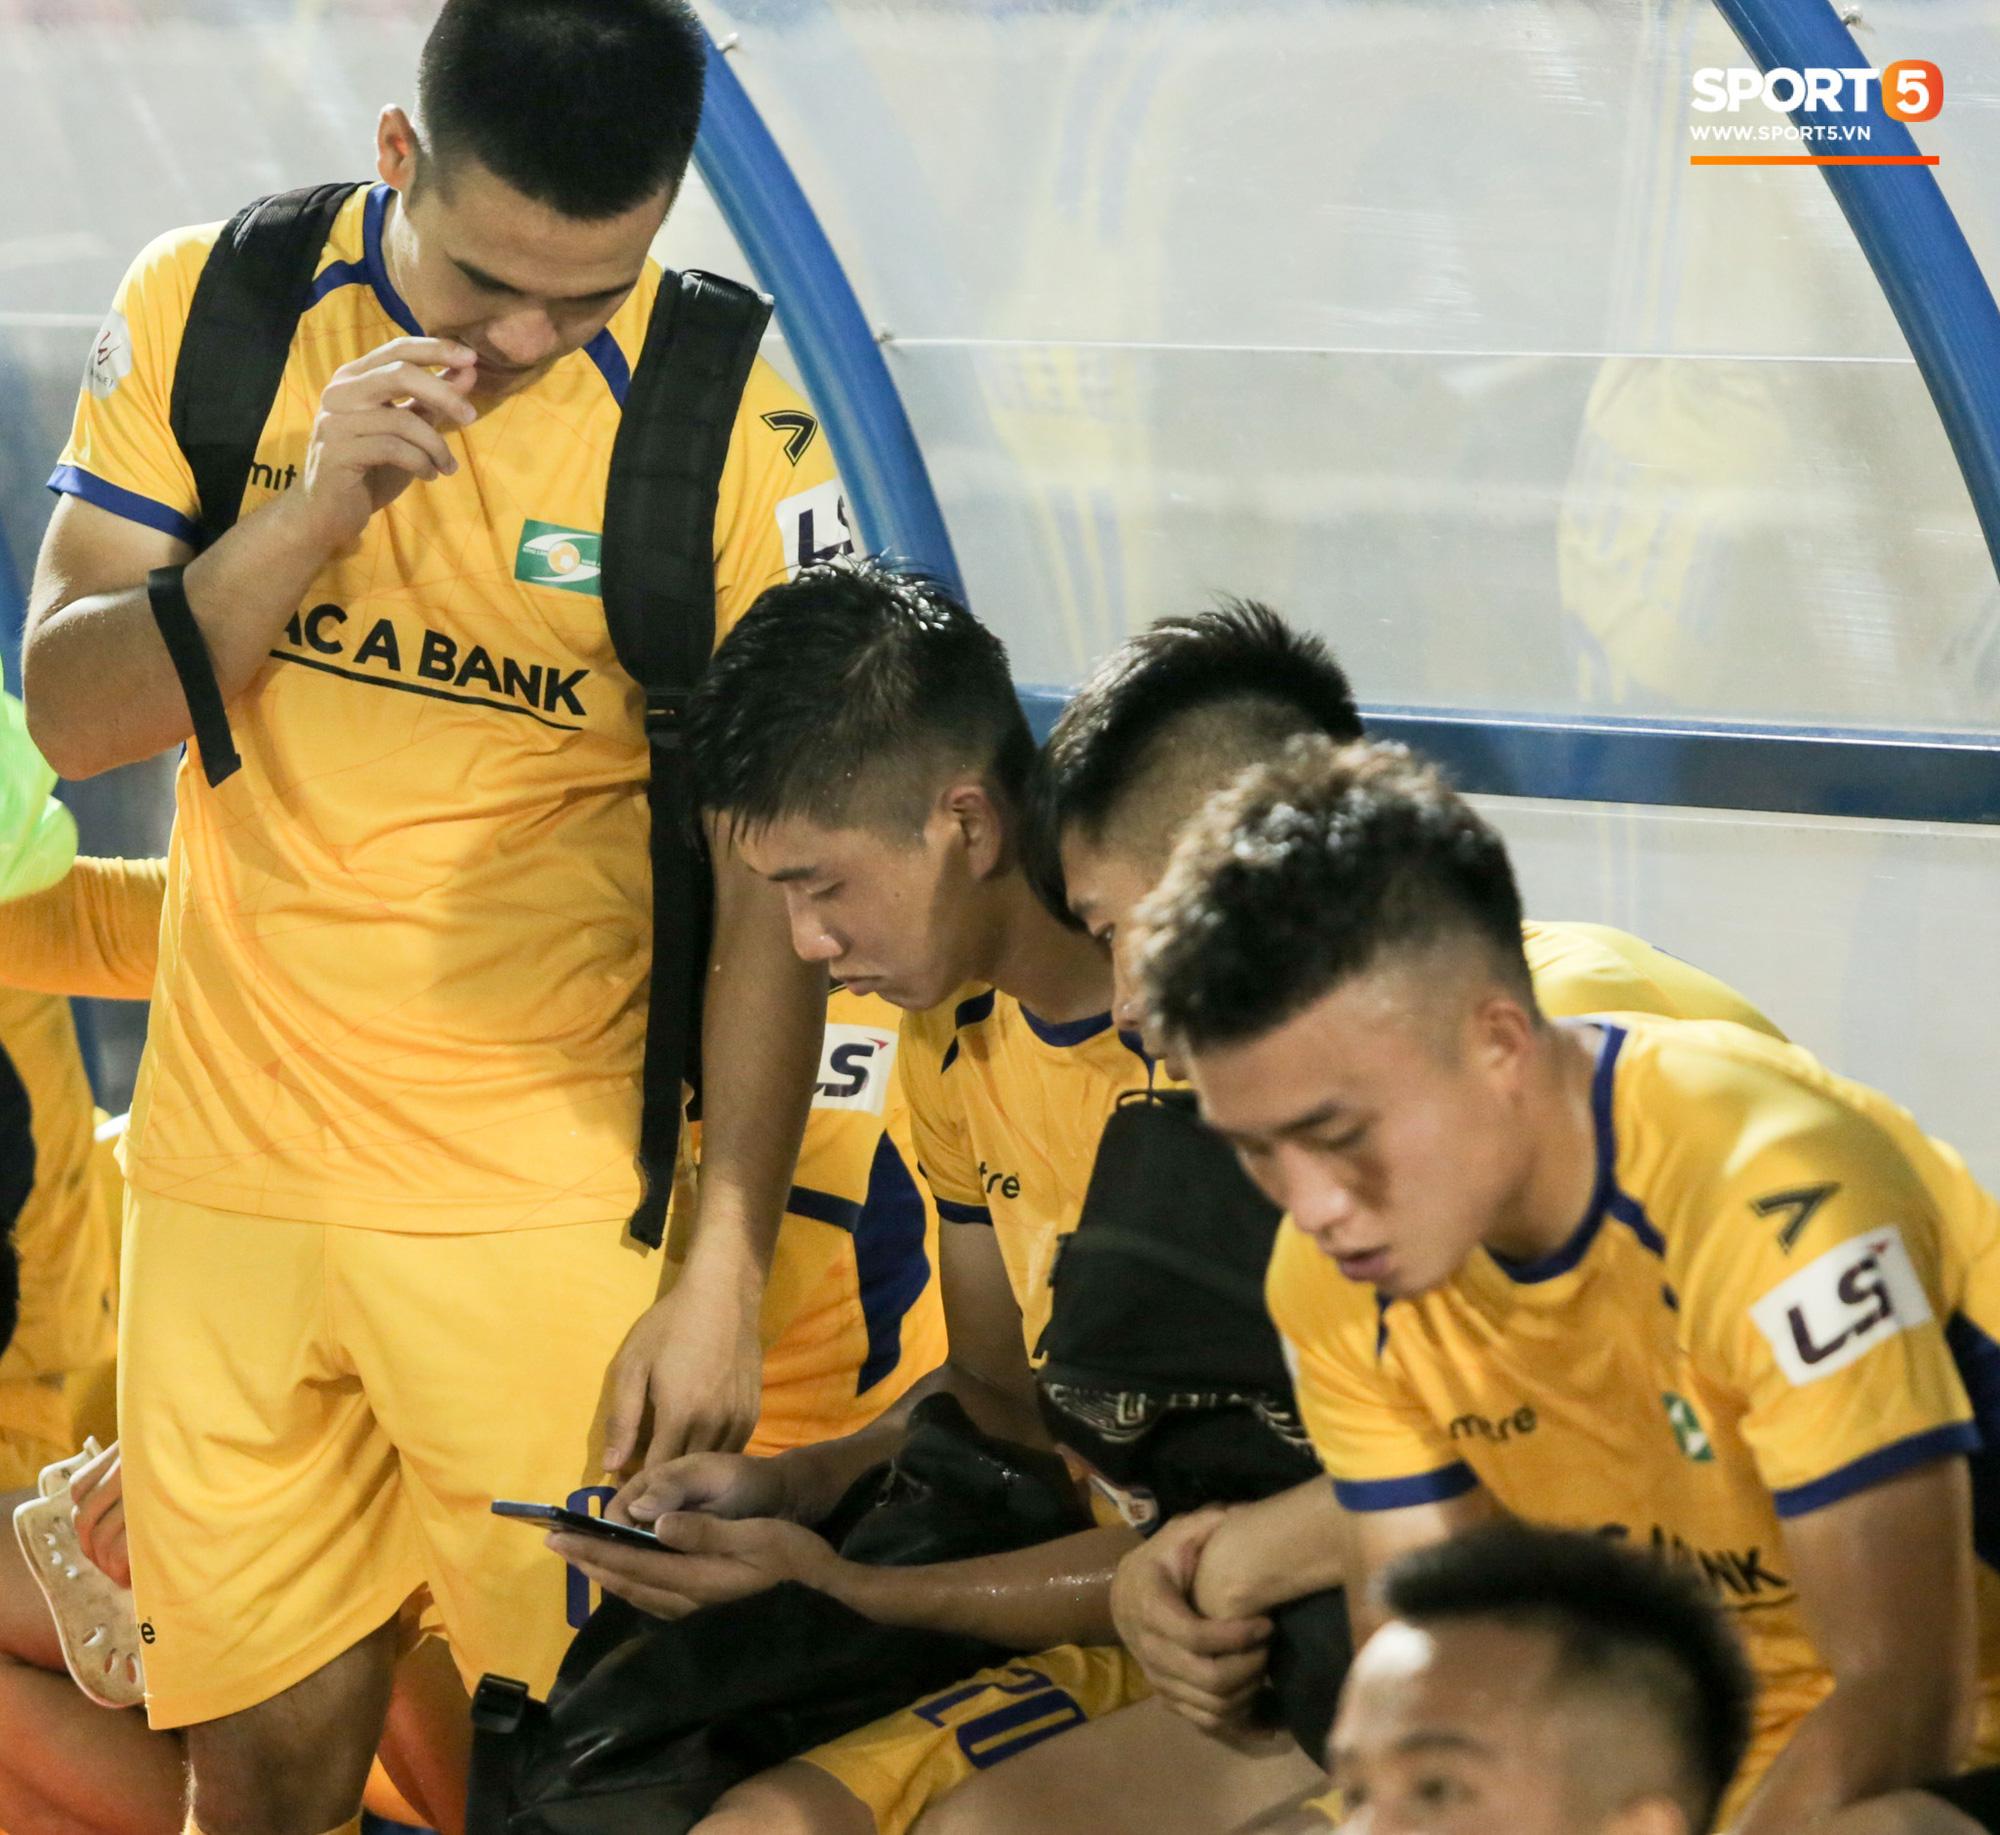 Phan Văn Đức lấy vội điện thoại để xem điều này sau trận thứ 6 không thắng tại V.League 2020 - Ảnh 2.